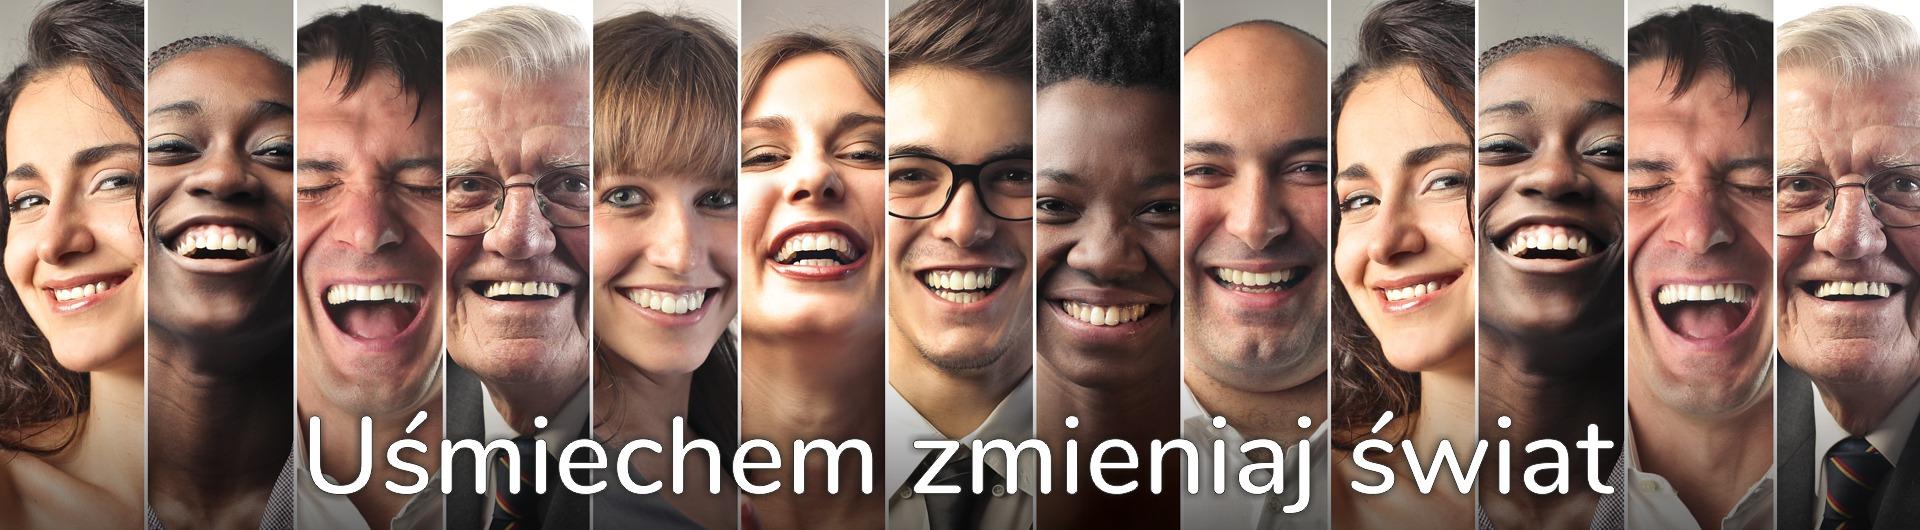 Uśmiechem zmieniaj świat